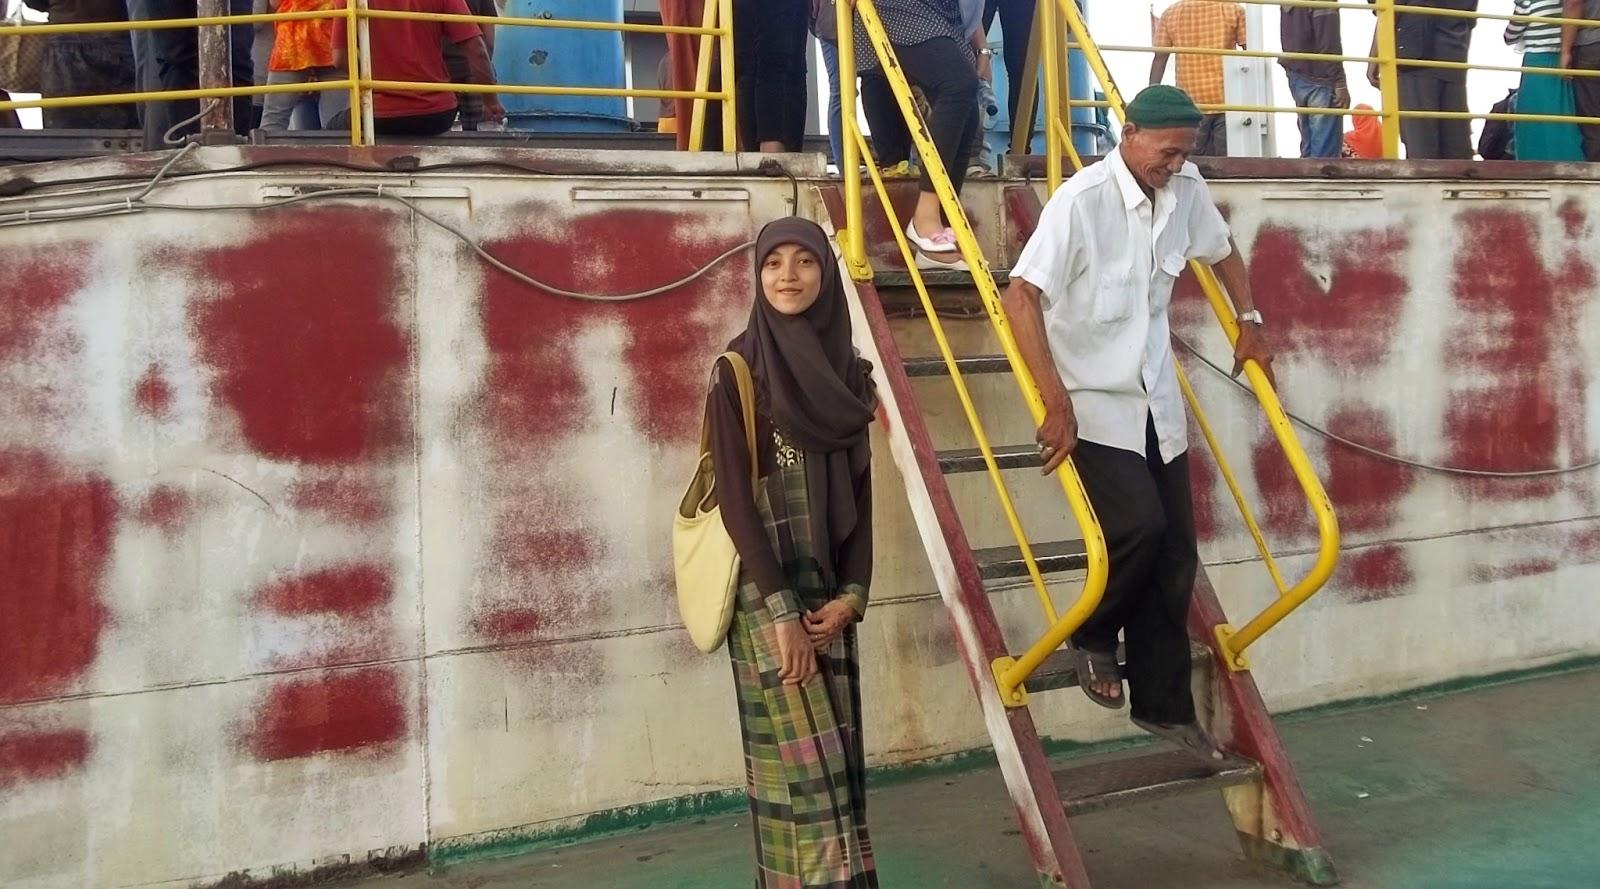 pltd apung keajaiban dunia wisata tsunami  sejarah kapal apung